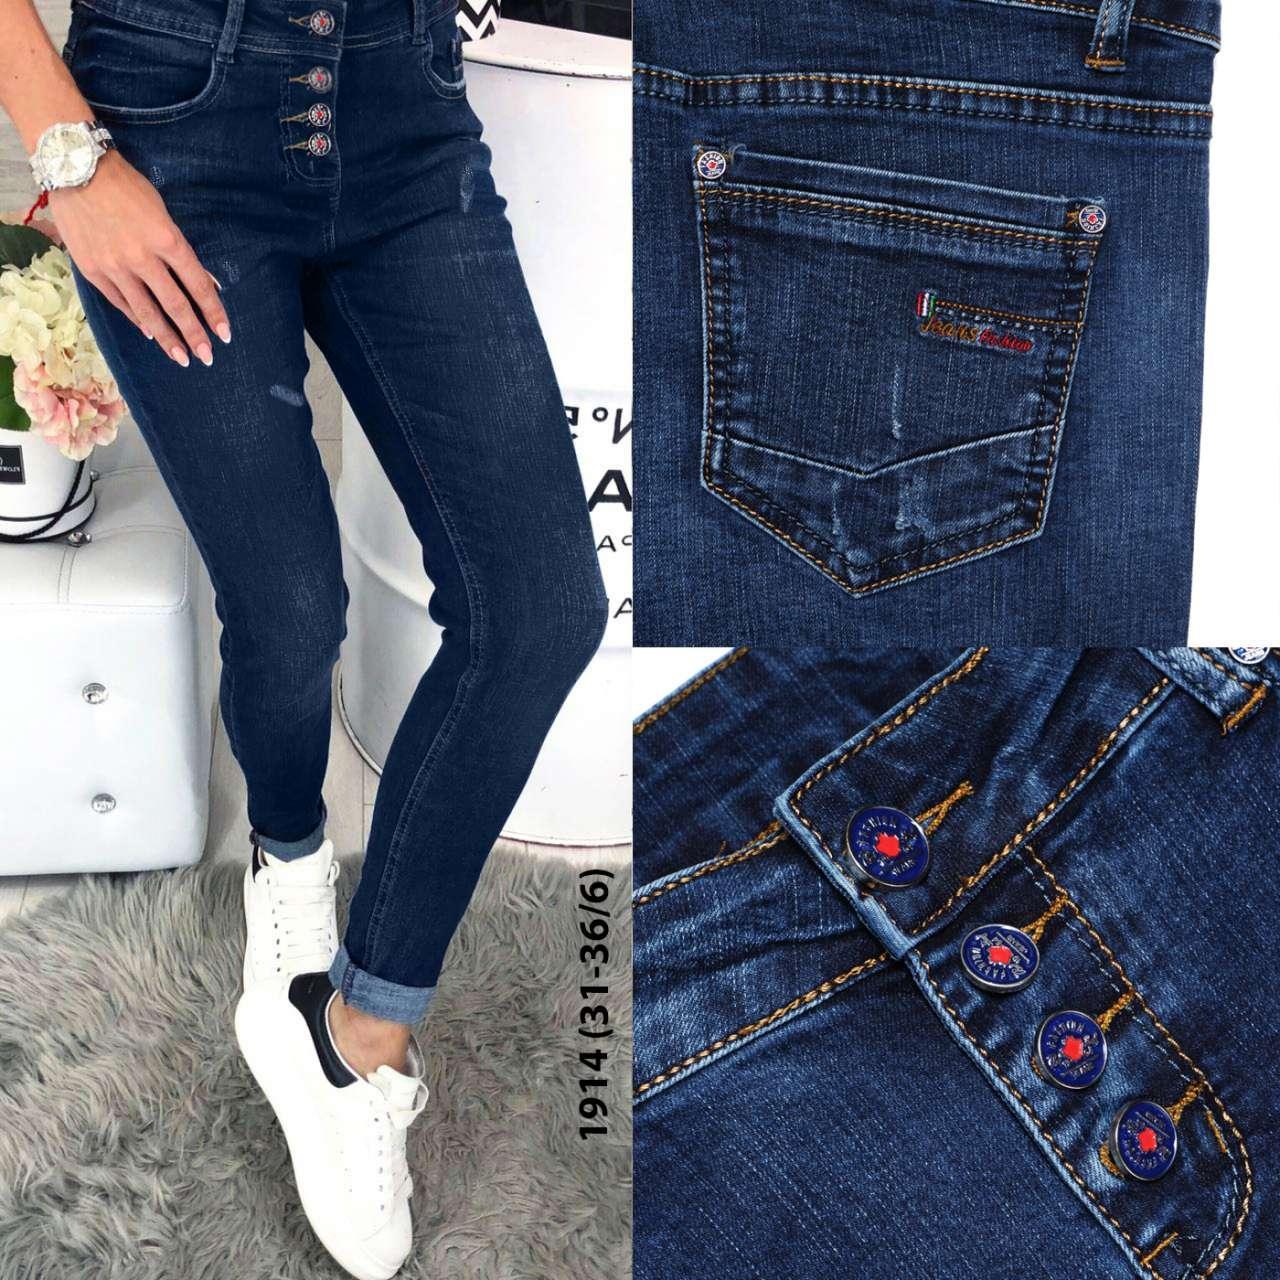 df11f3480c7 Женские джинсы бойфренды бренд New Jeans батал оптом   продажа